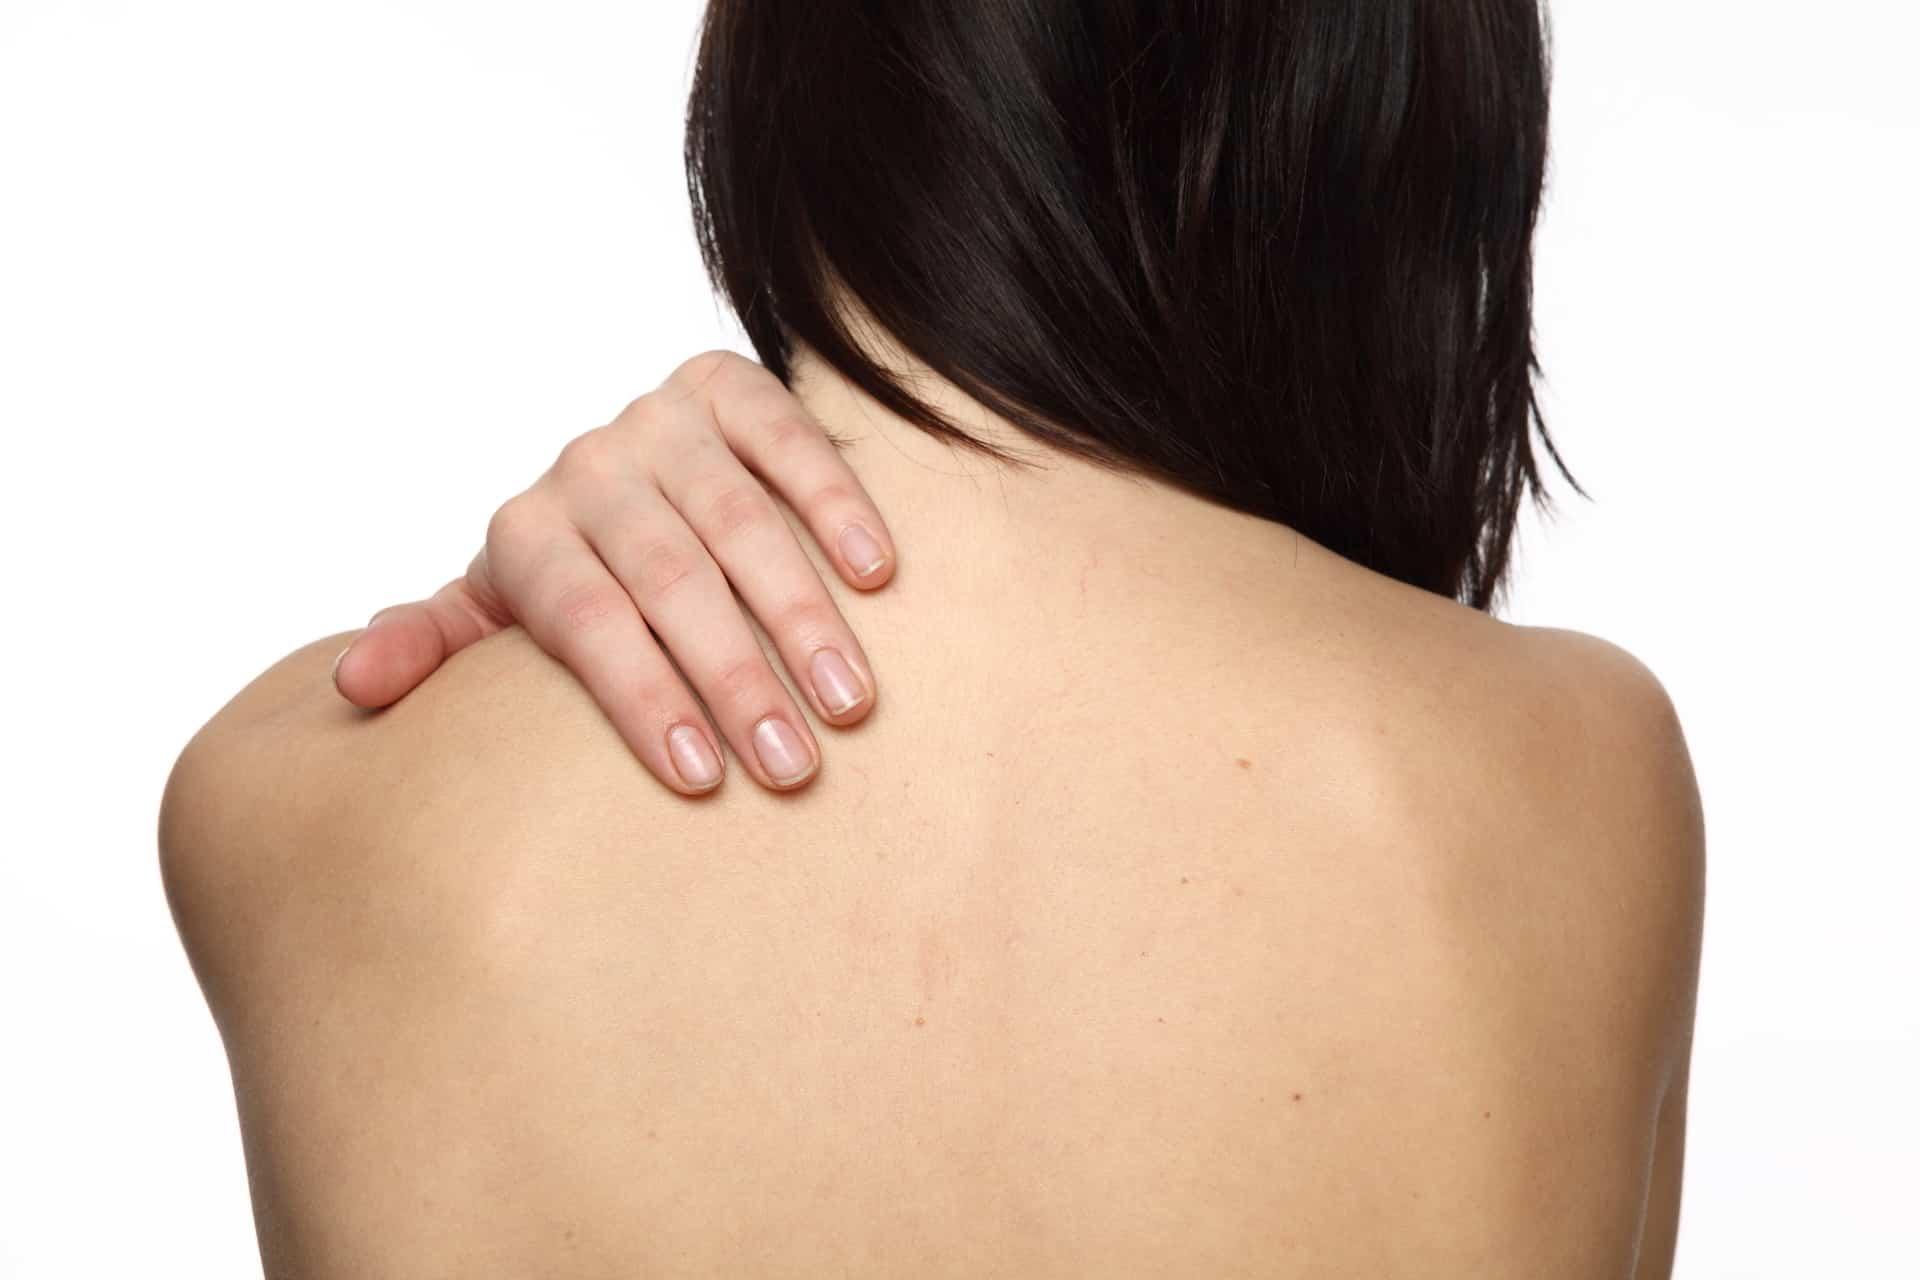 Угри на плечах и спине причины 22 фотография